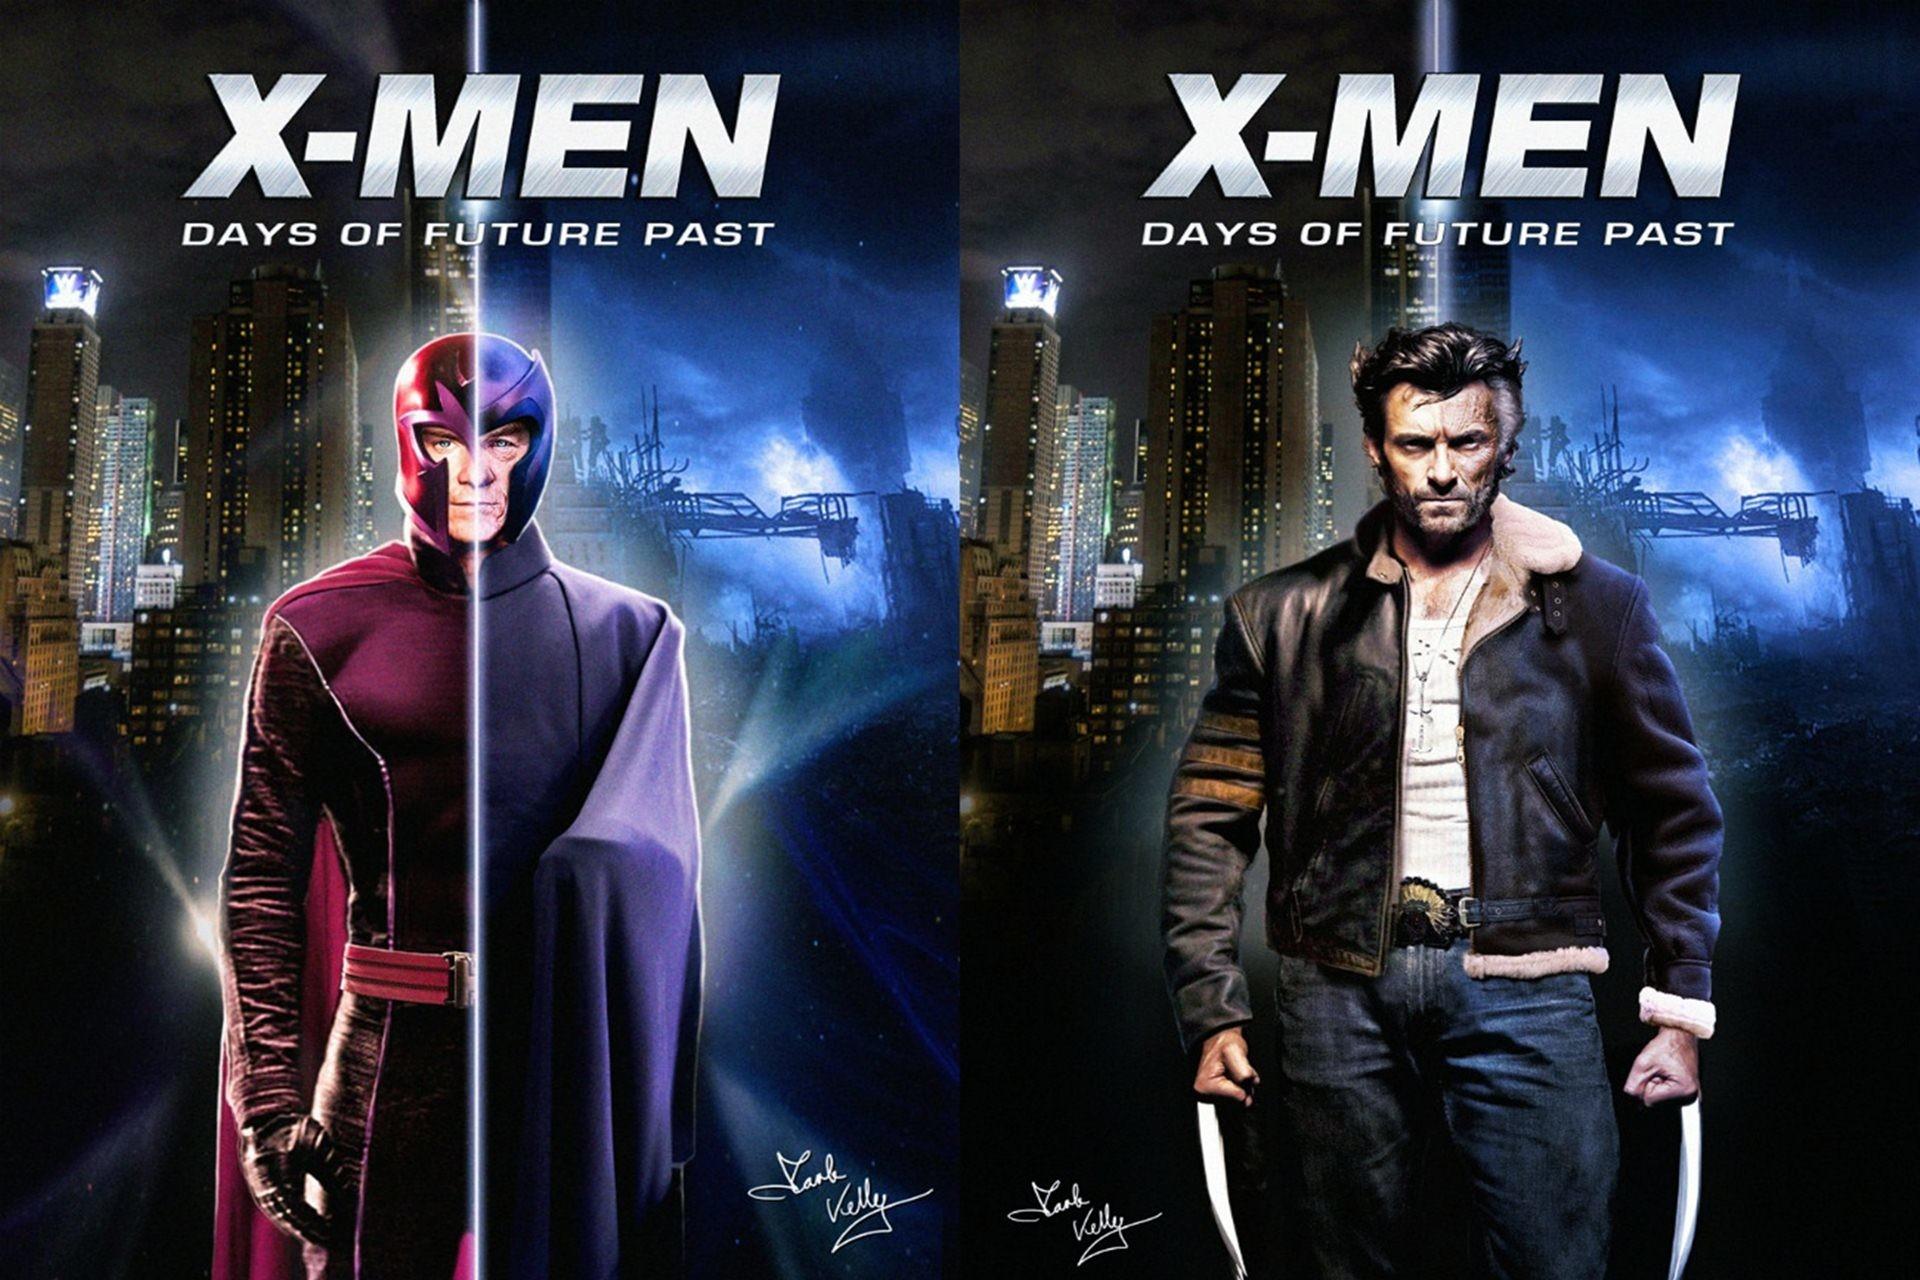 x men wallpaper hd (68+ images)